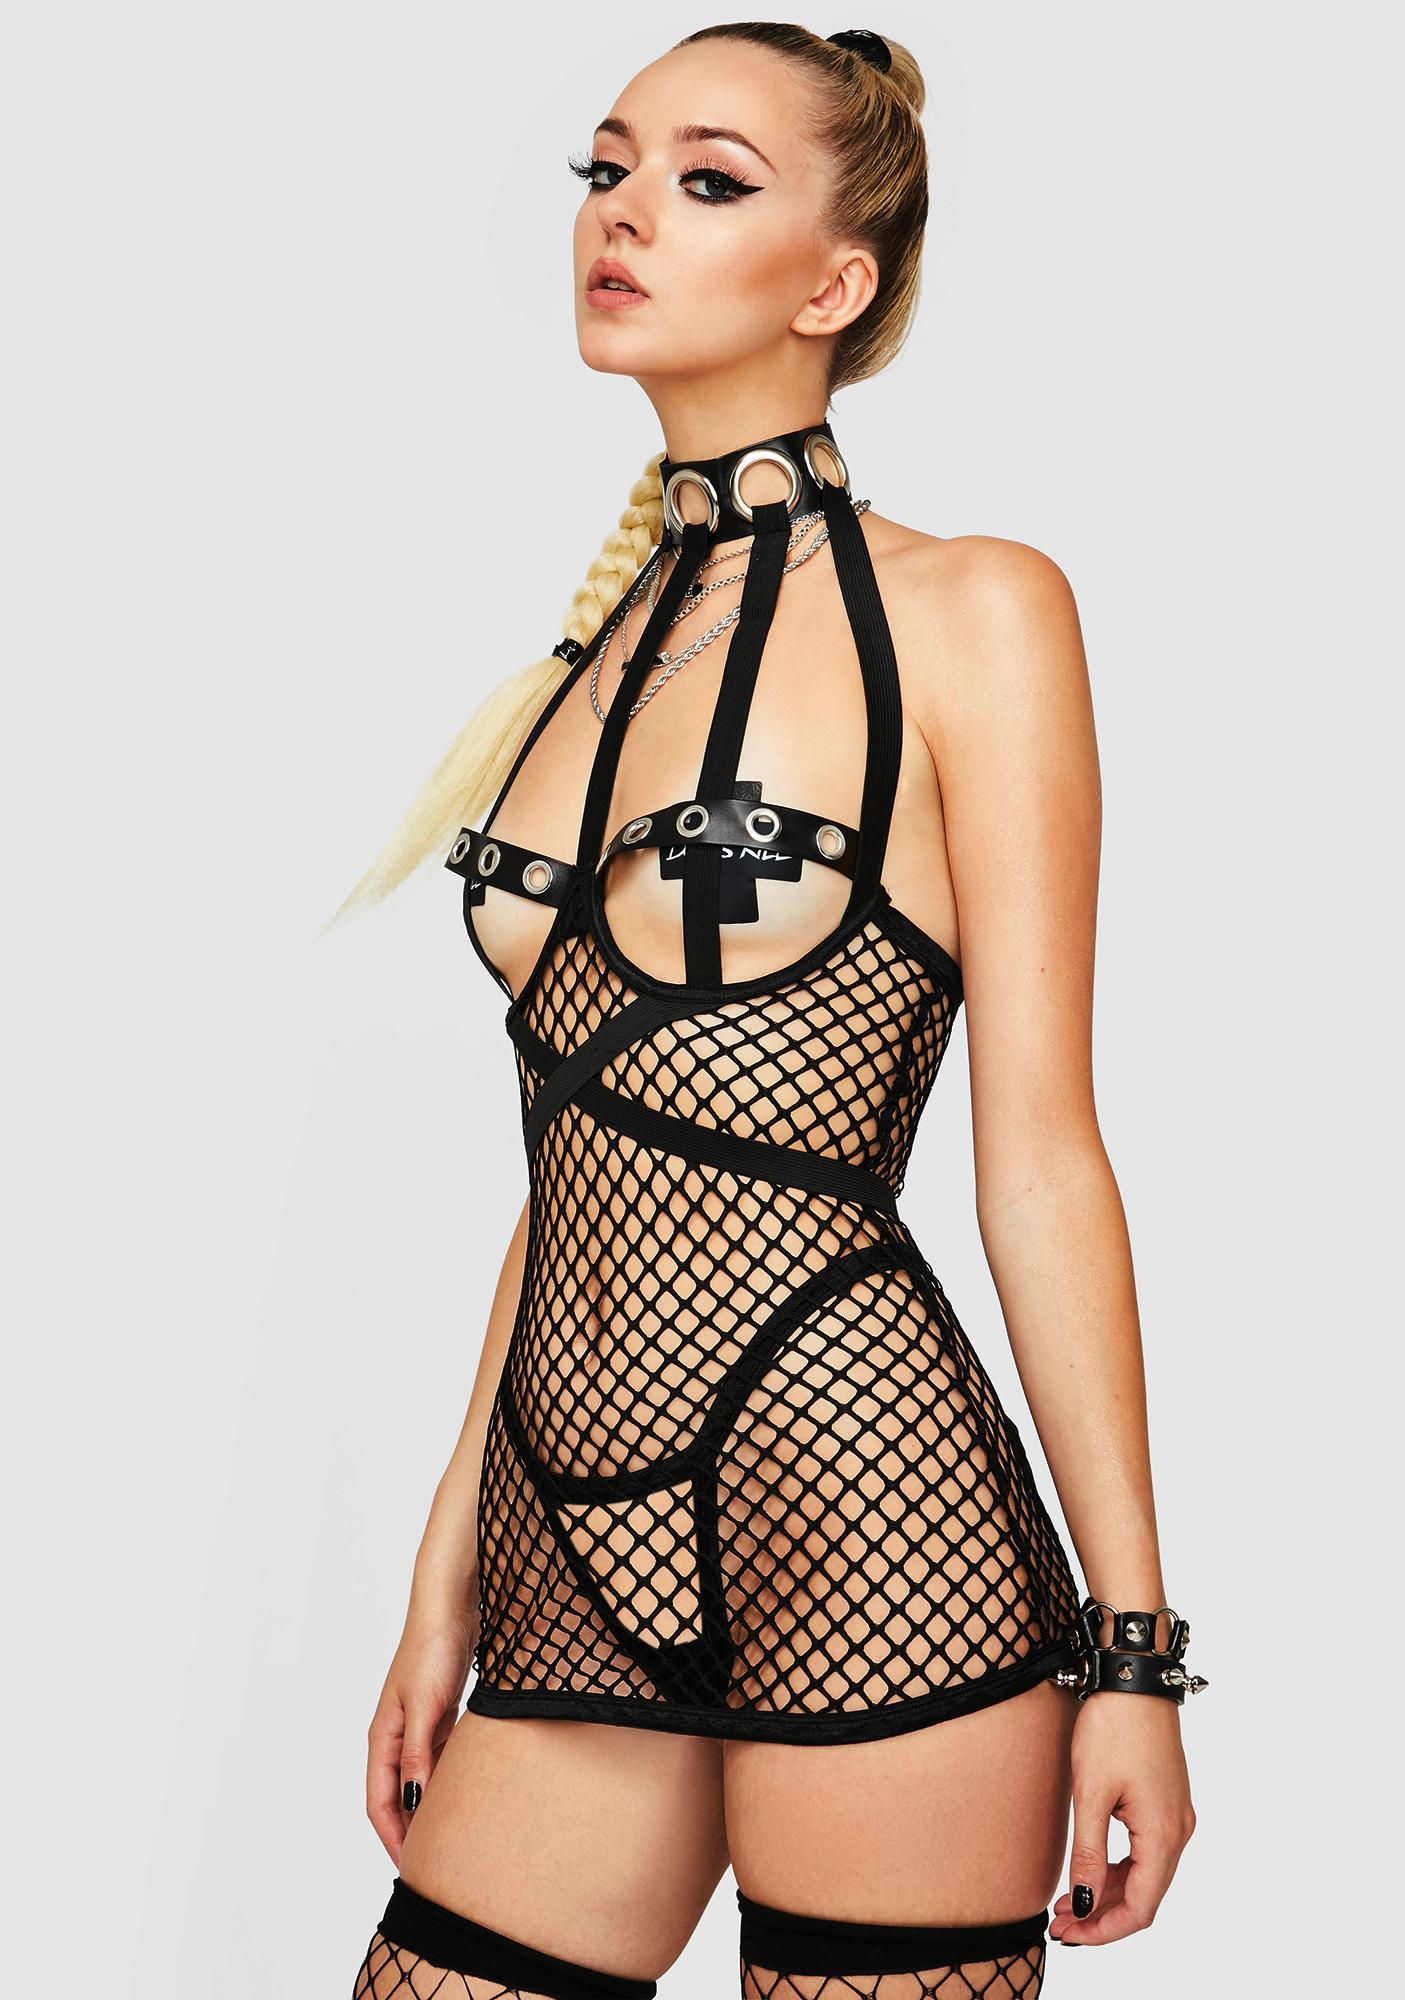 Can U Show Me Fishnet Set